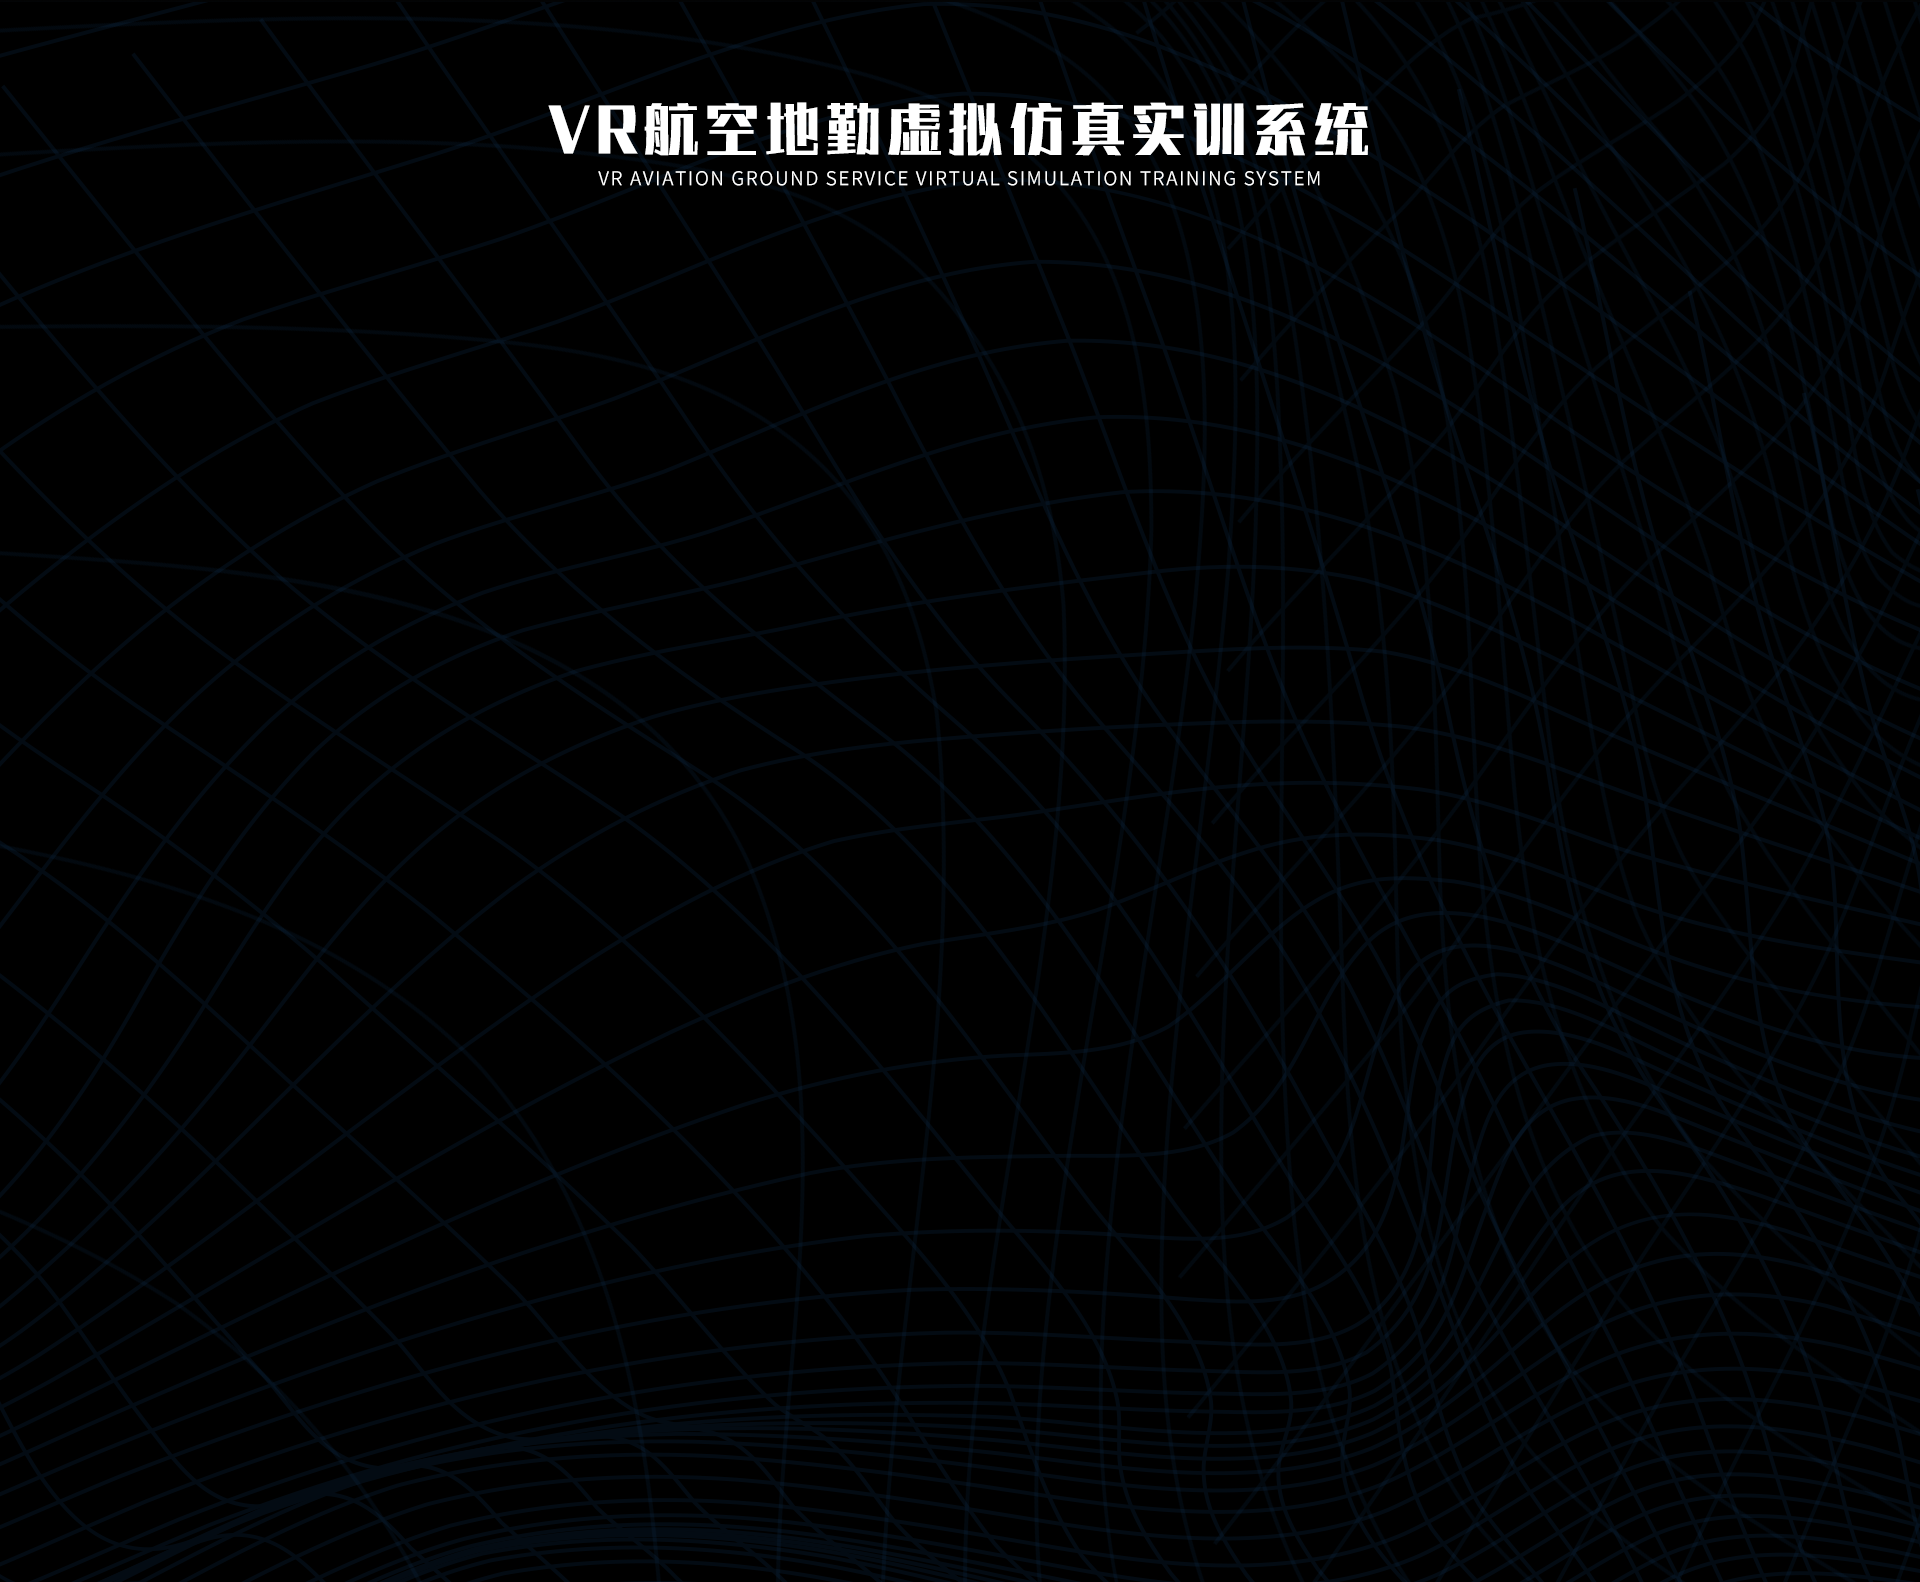 VR航空页面_03_20210527_163627537